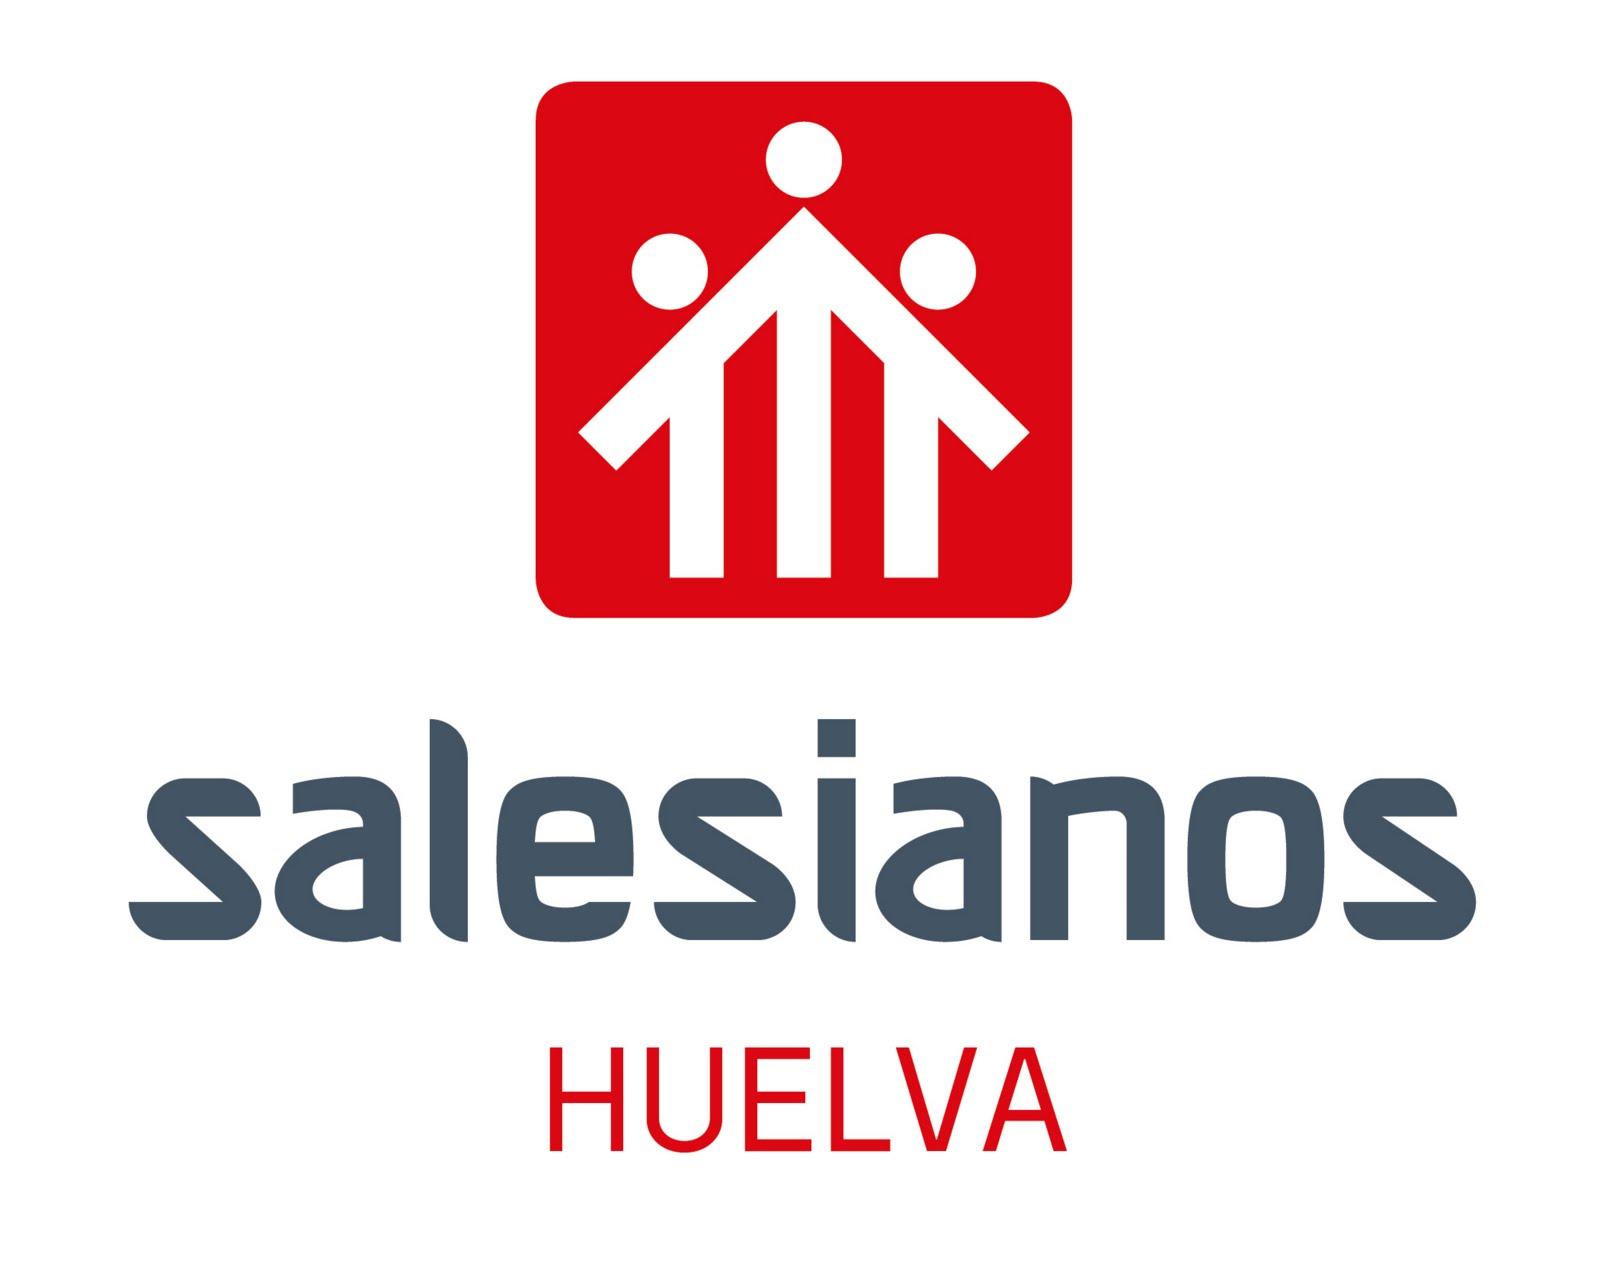 Colegio Salesiano de Huelva